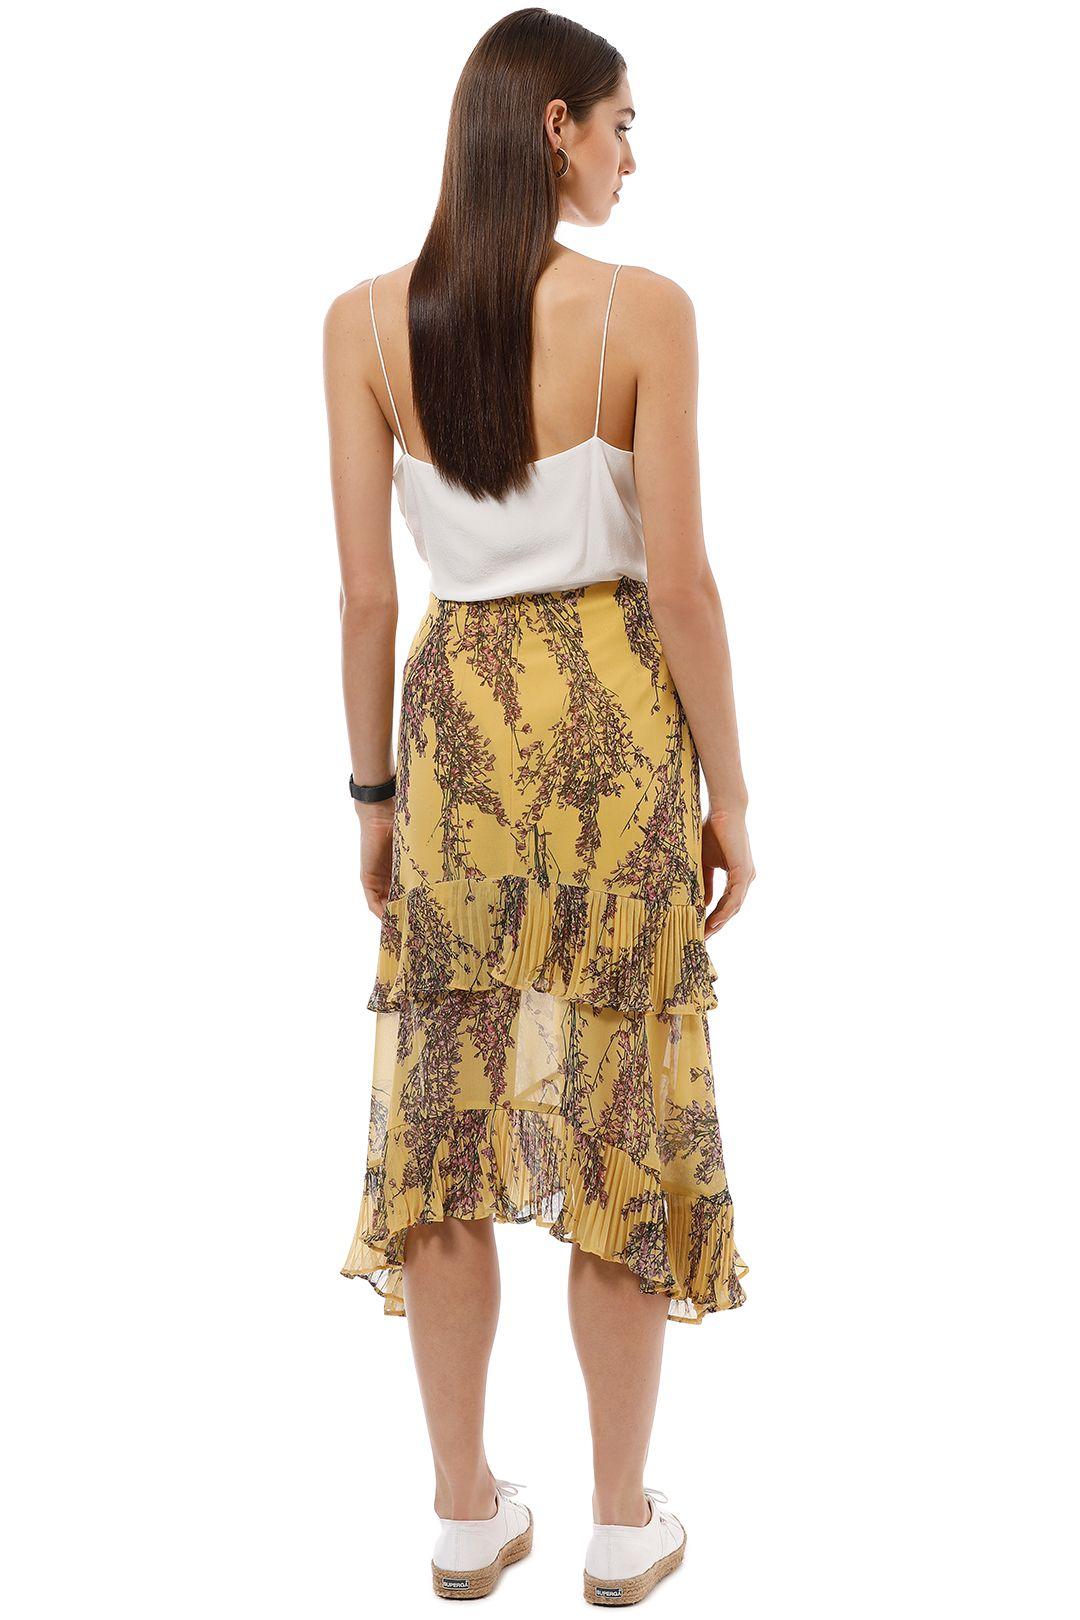 Keepsake the Label - Light Up Skirt - Golden Yellow - Back